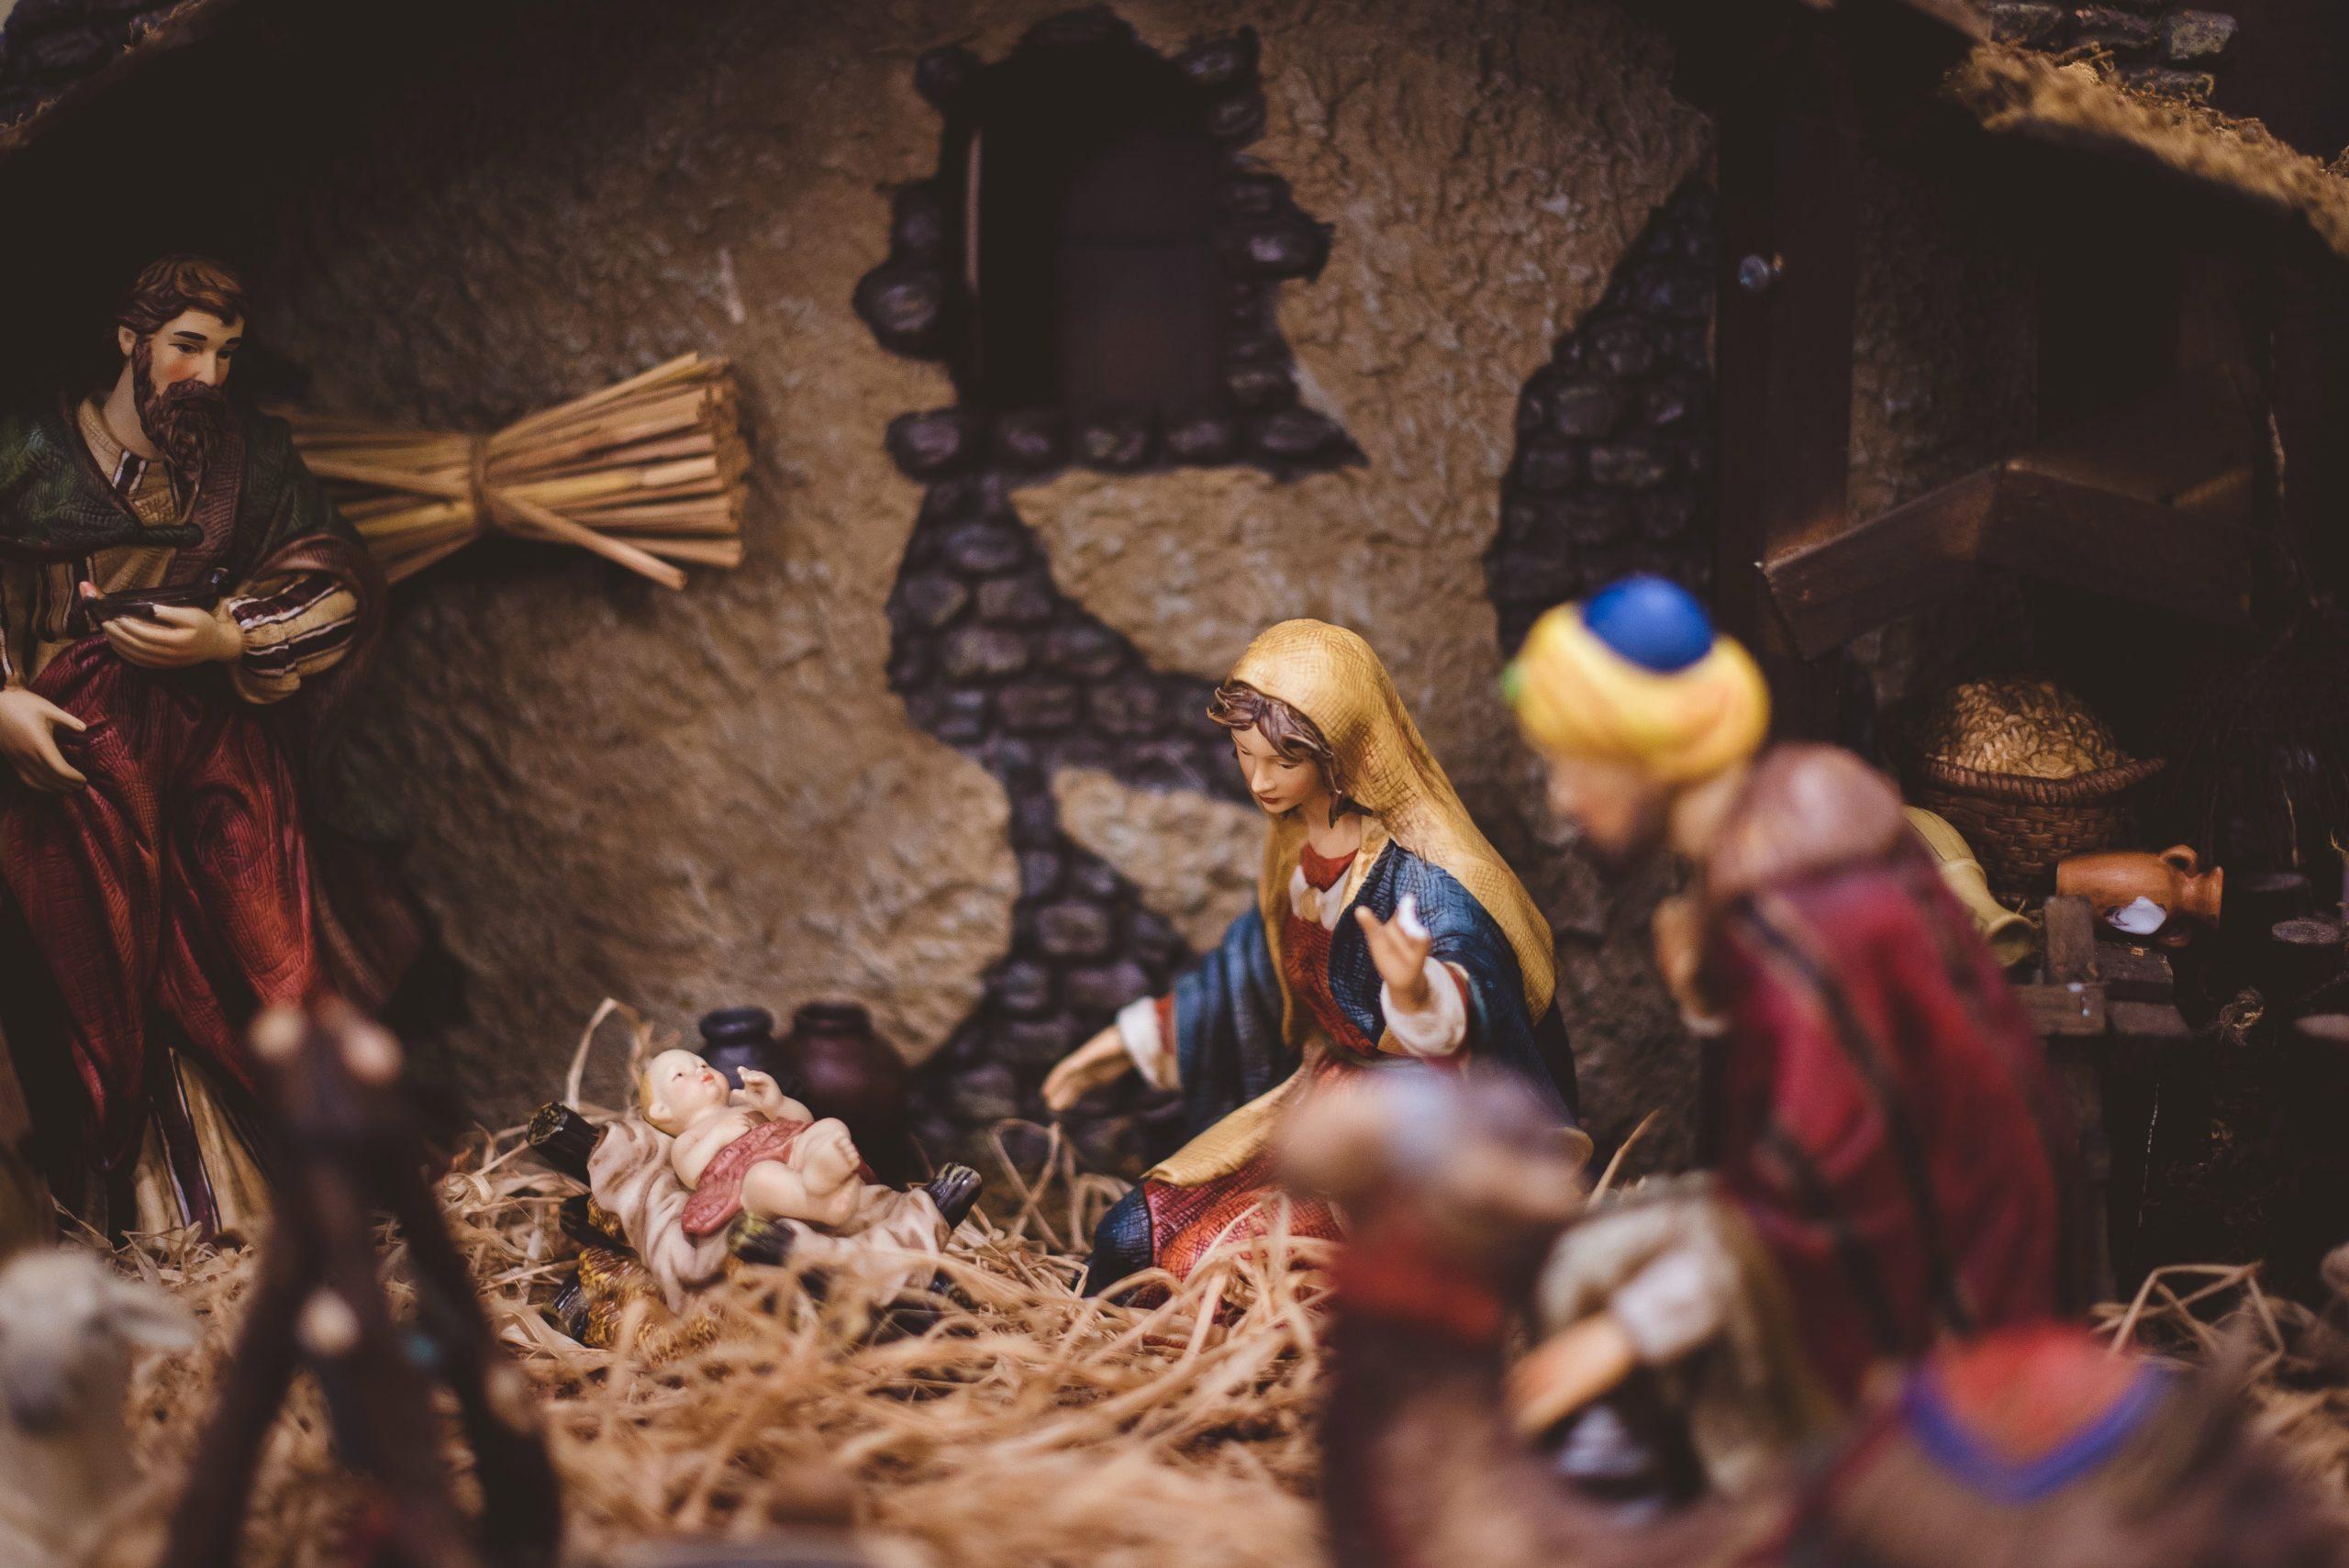 Little child of Bethlehem